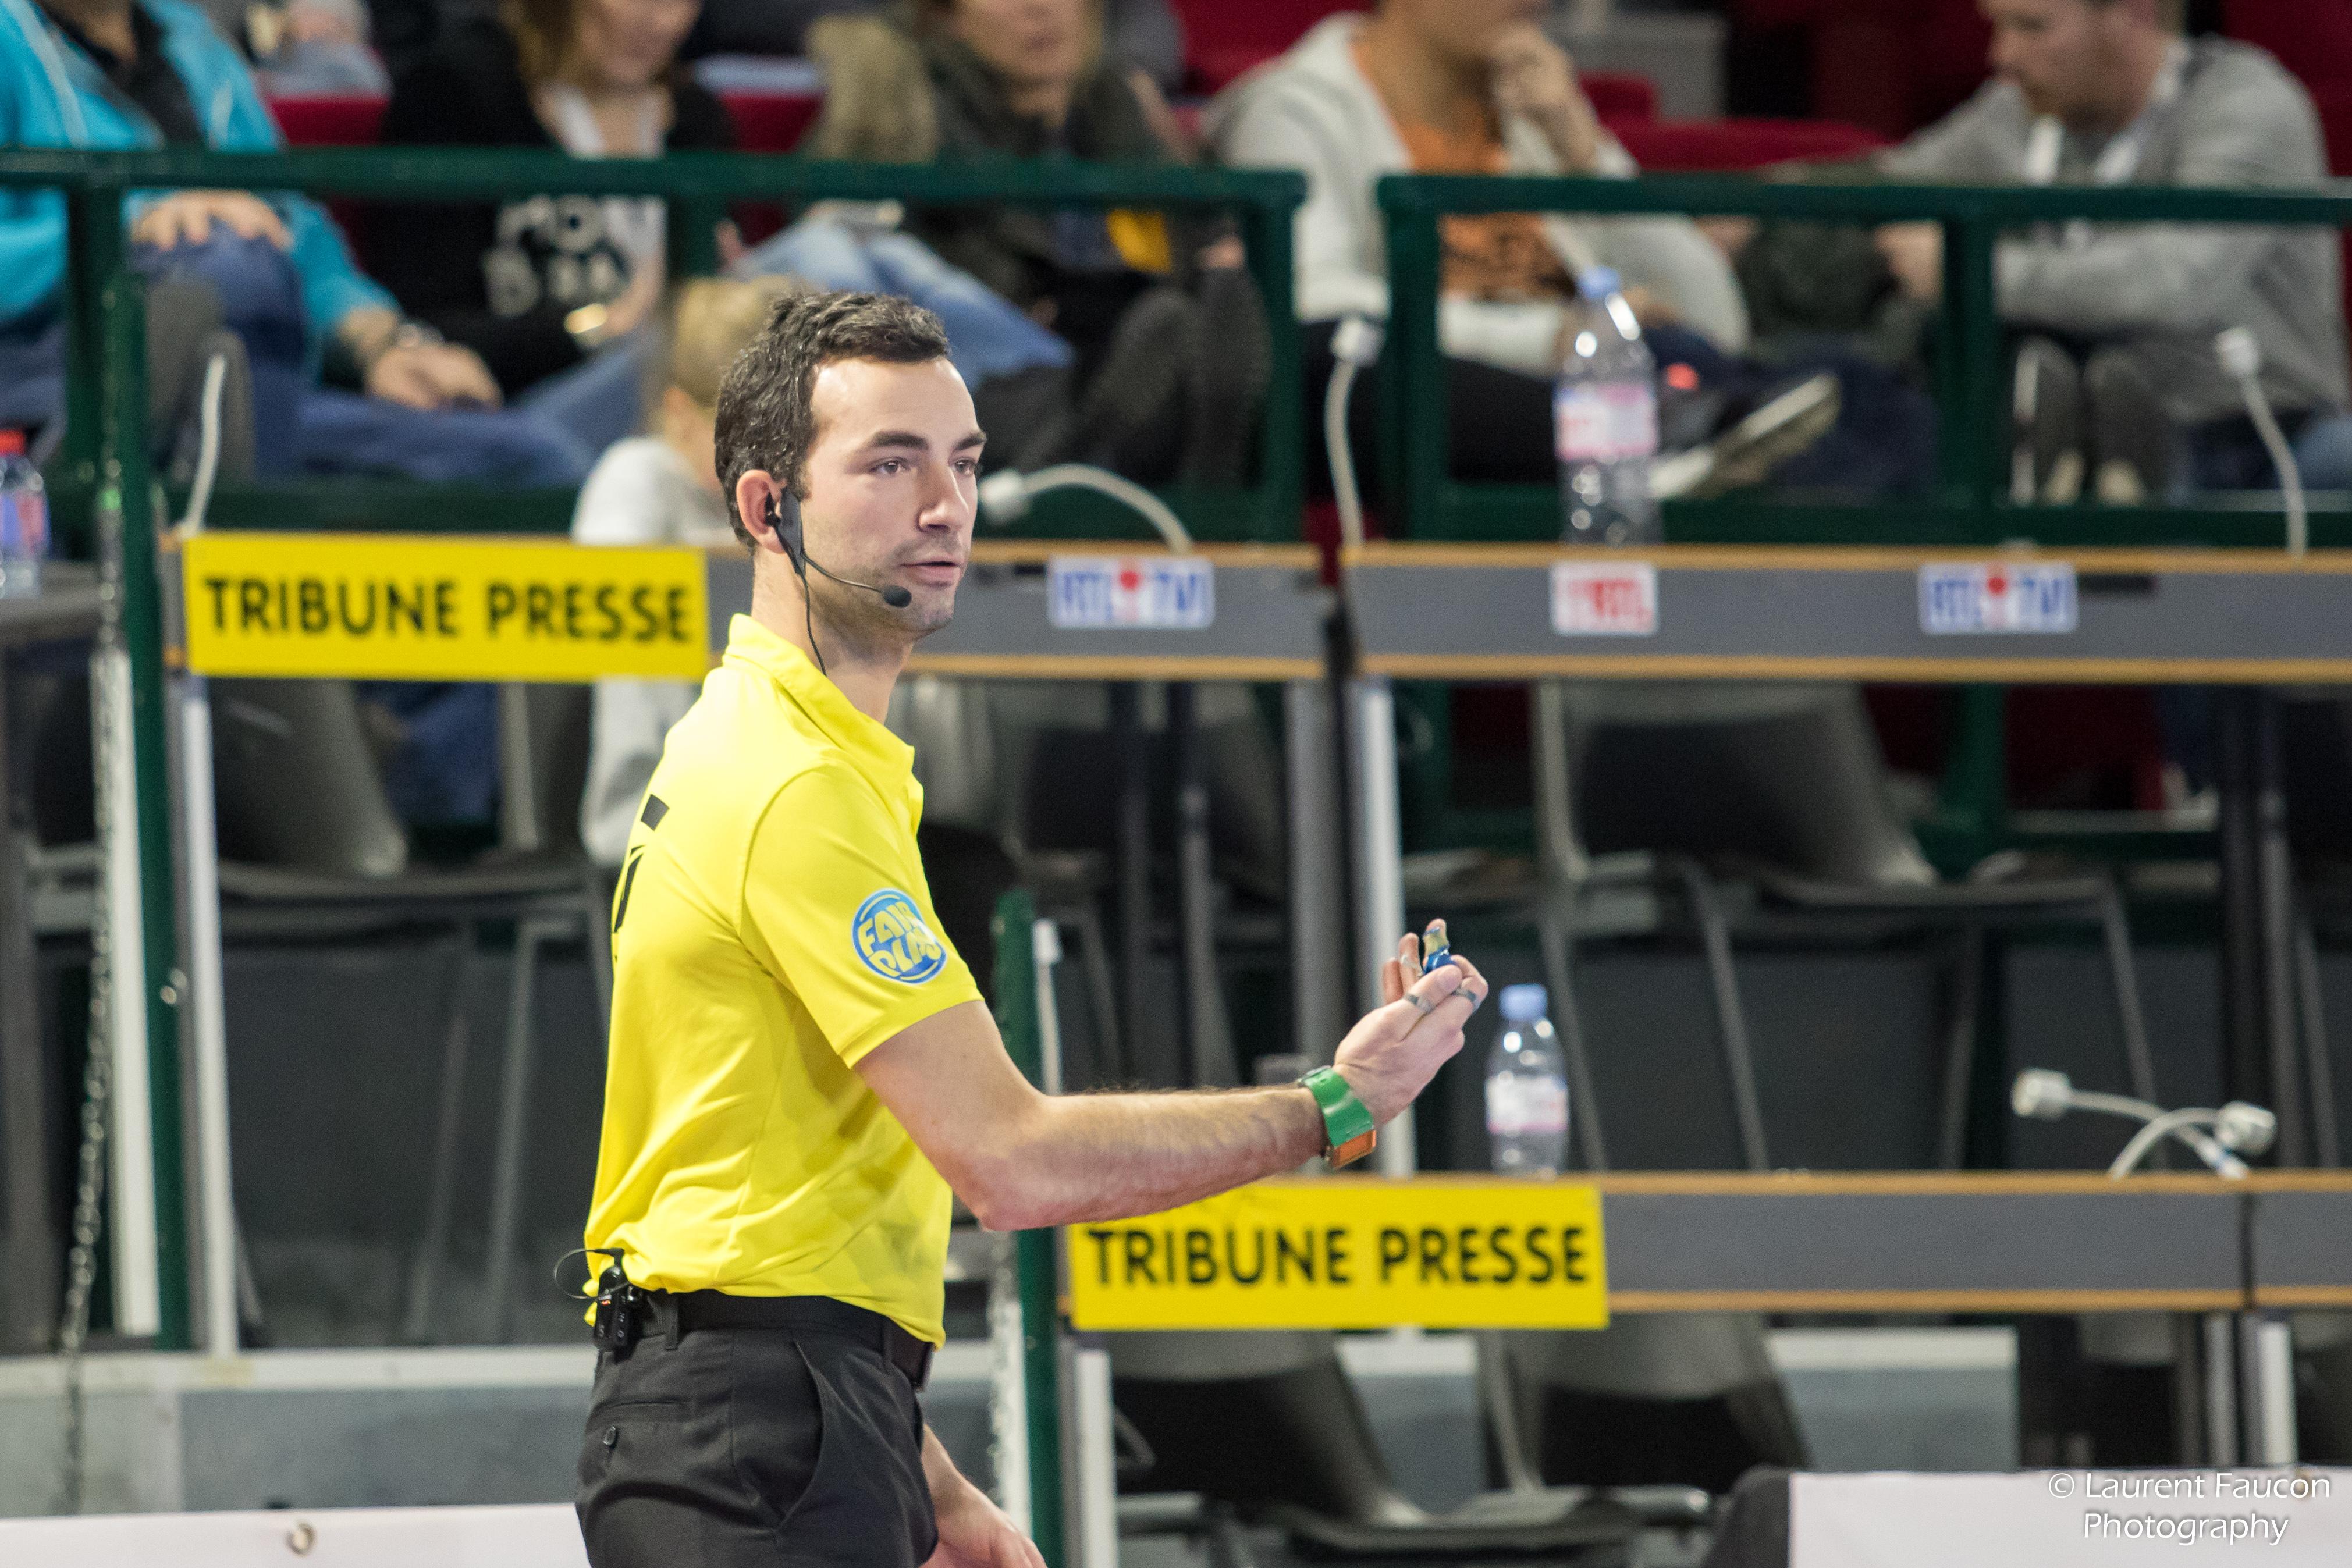 Axiwi-bezprzewodowy system komunikacyjny dla hokeja-sędziowie-zalety